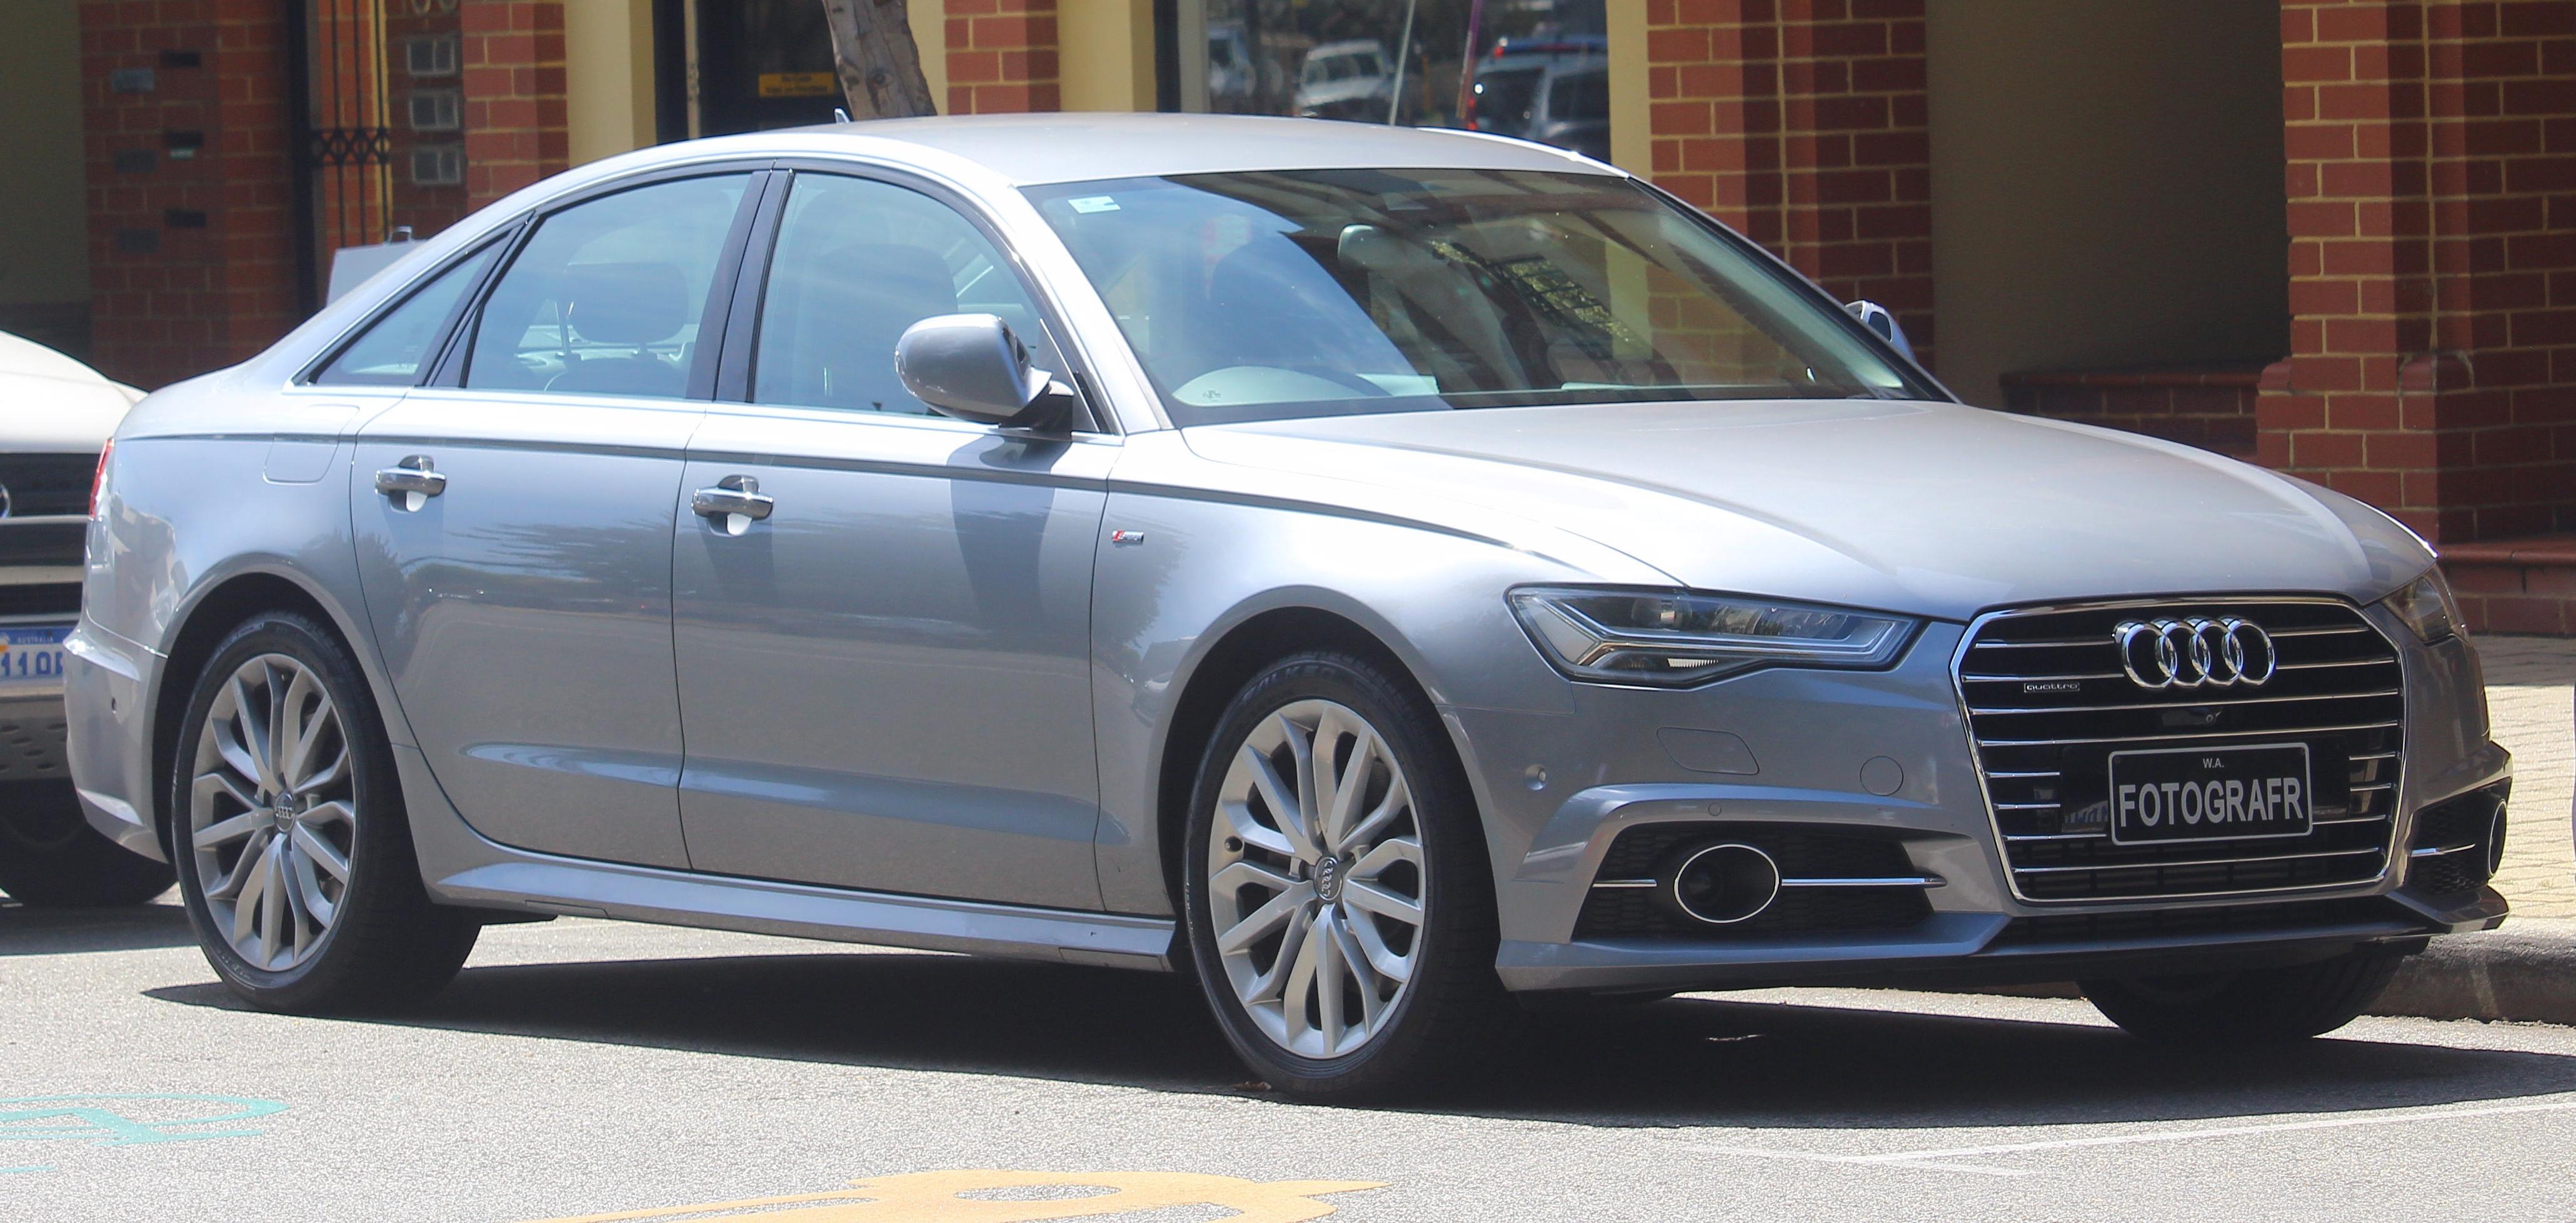 Kelebihan Kekurangan Audi 4G Perbandingan Harga